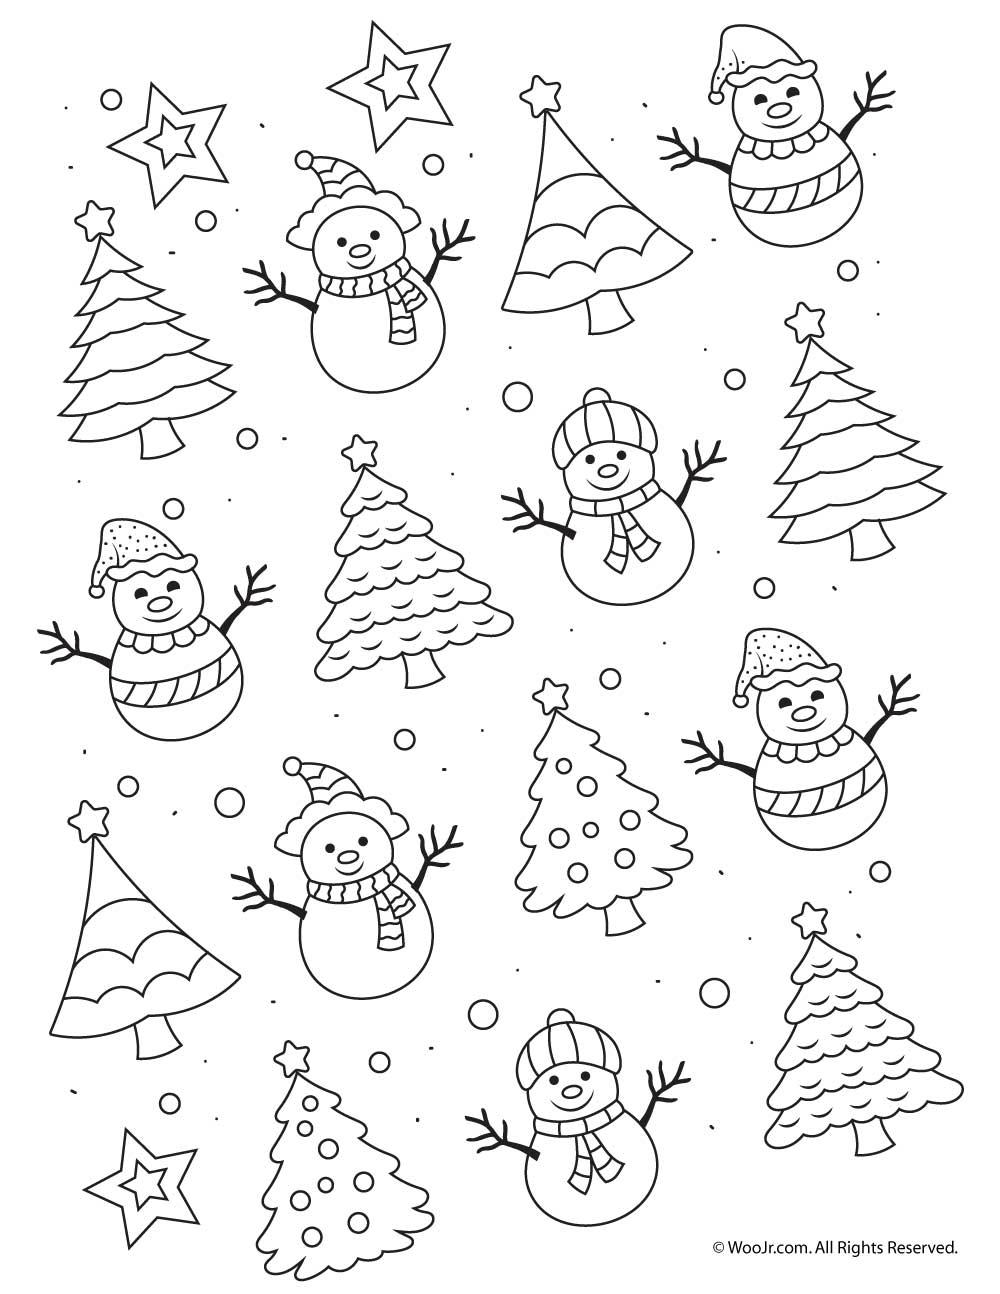 Easy Snowmen Adult Coloring Printable | Woo! Jr. Kids ...